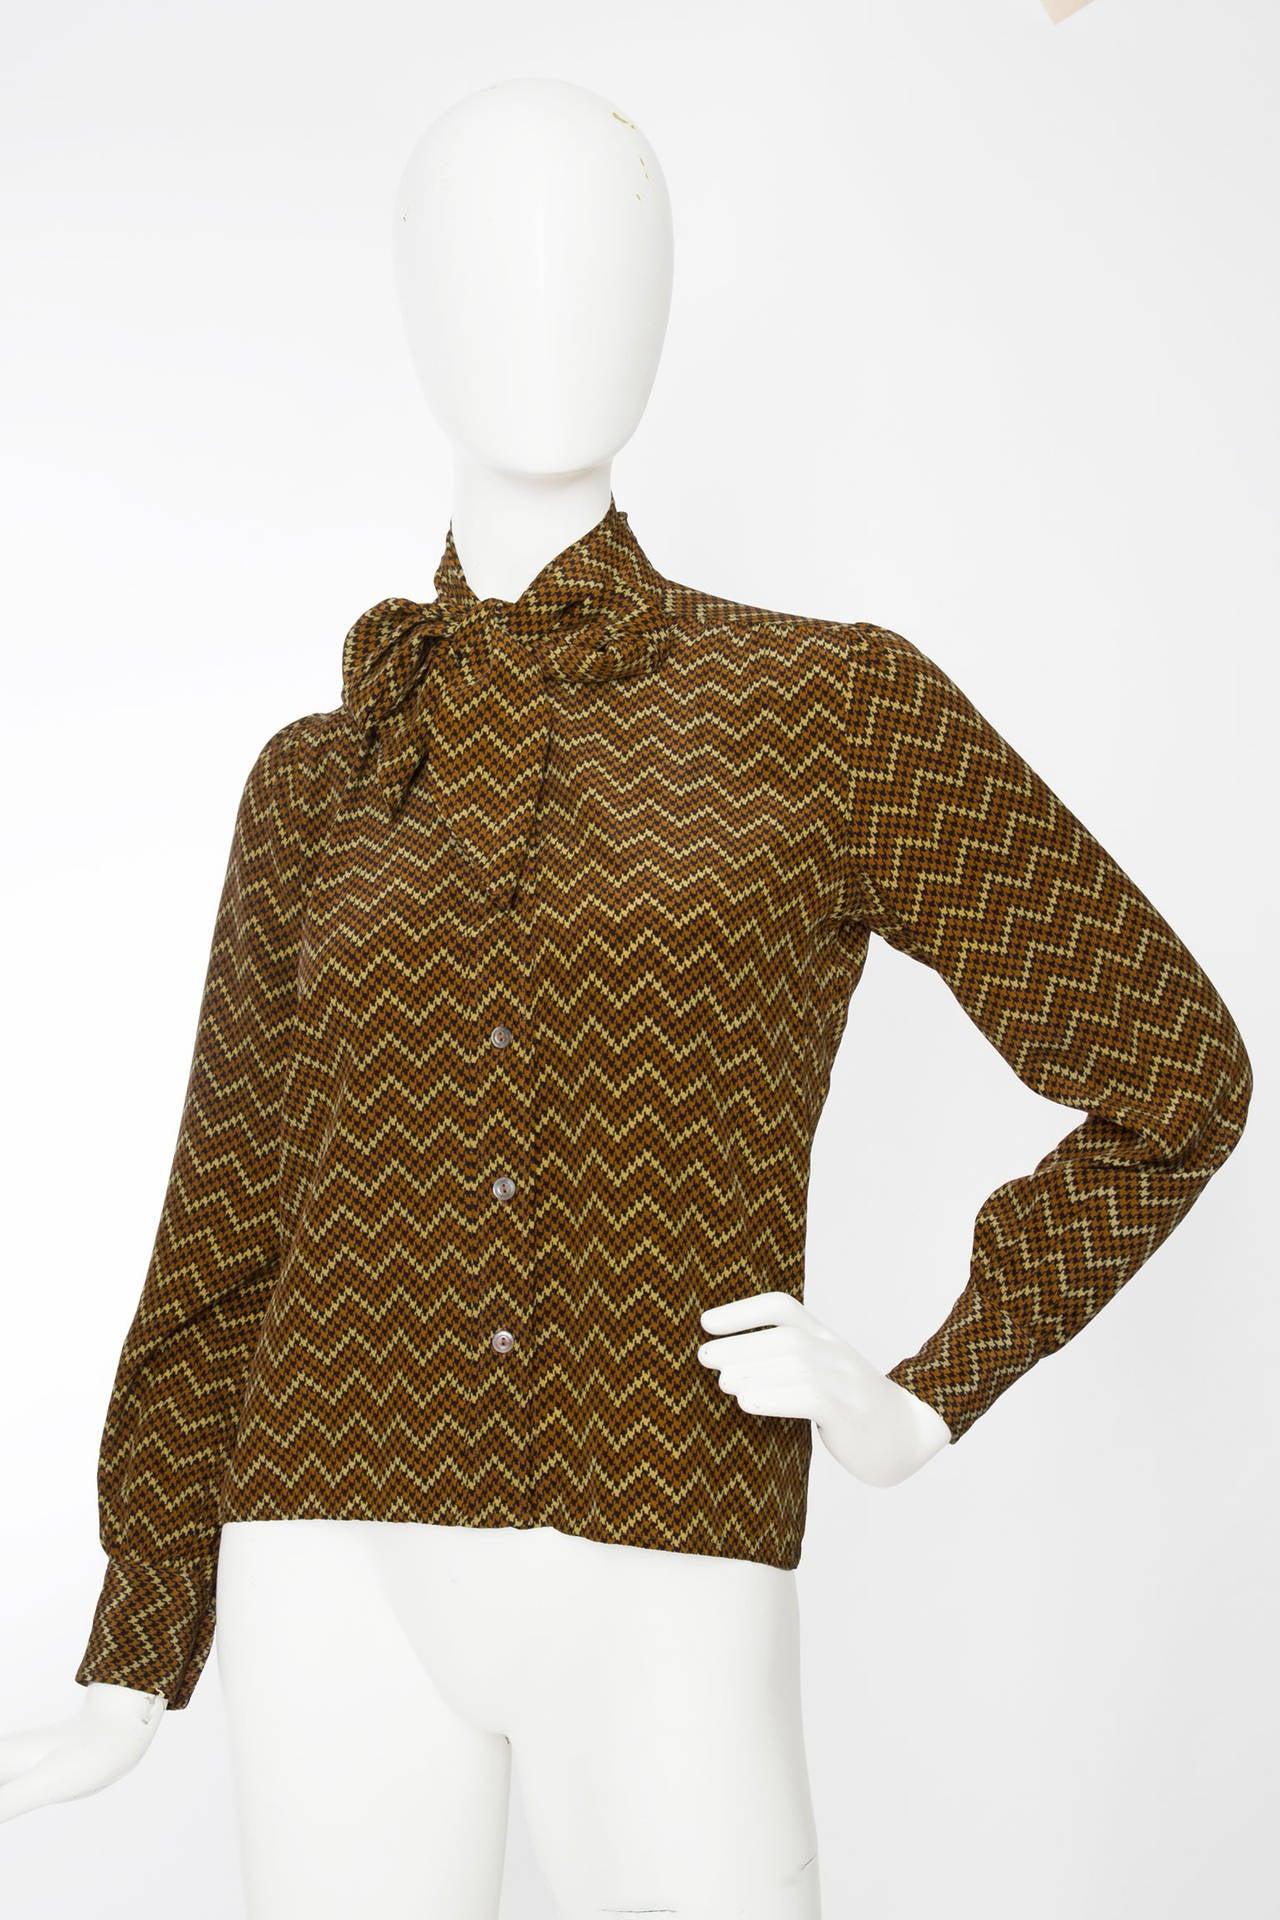 1970s yves saint laurent silk shirt at 1stdibs for Yves saint laurent logo shirt